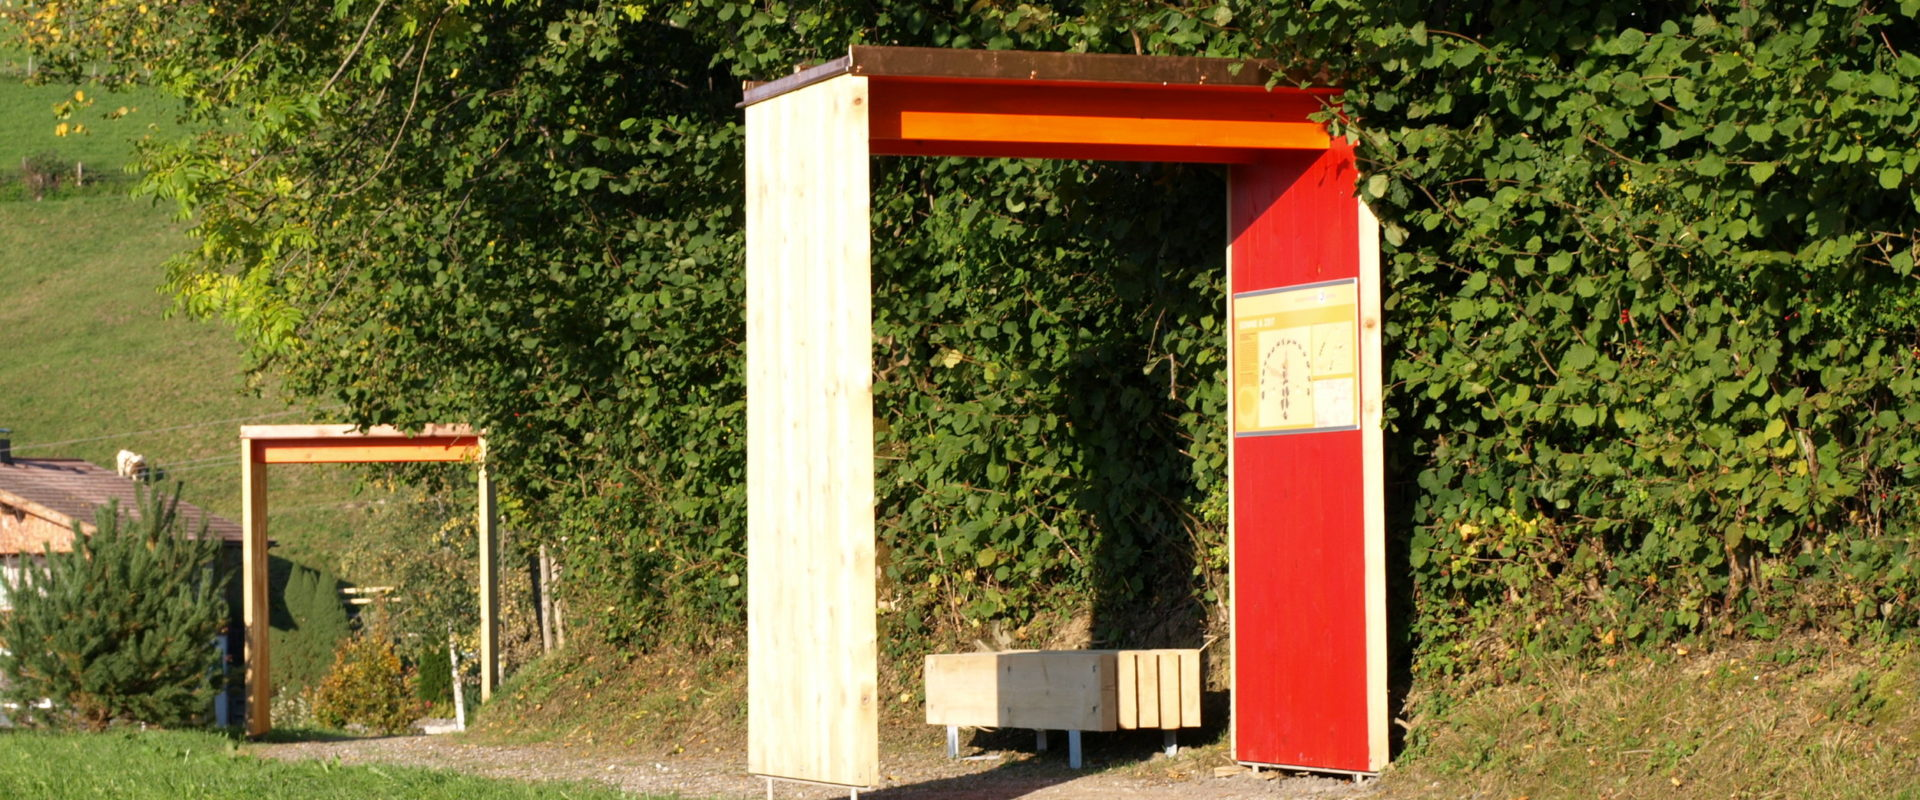 Energiepfad Langenegg © Stefan Steurer / Bregenzerwald Tourismus